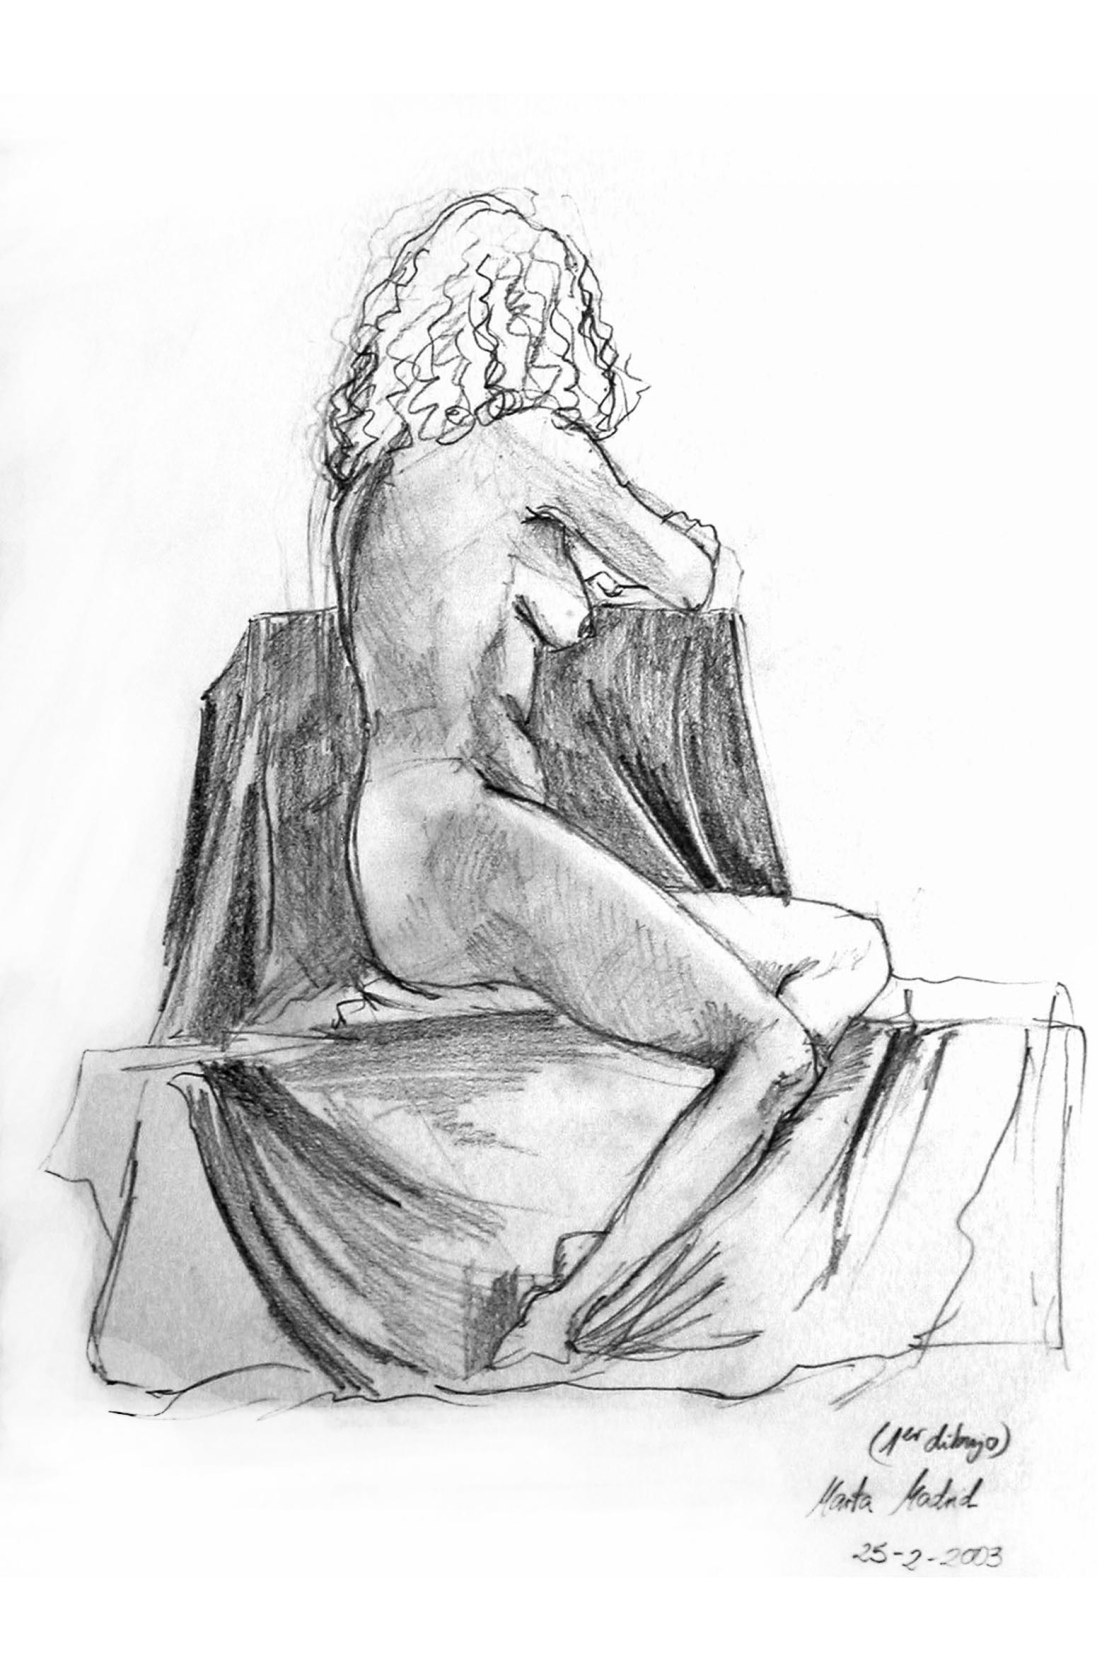 07_life drawing